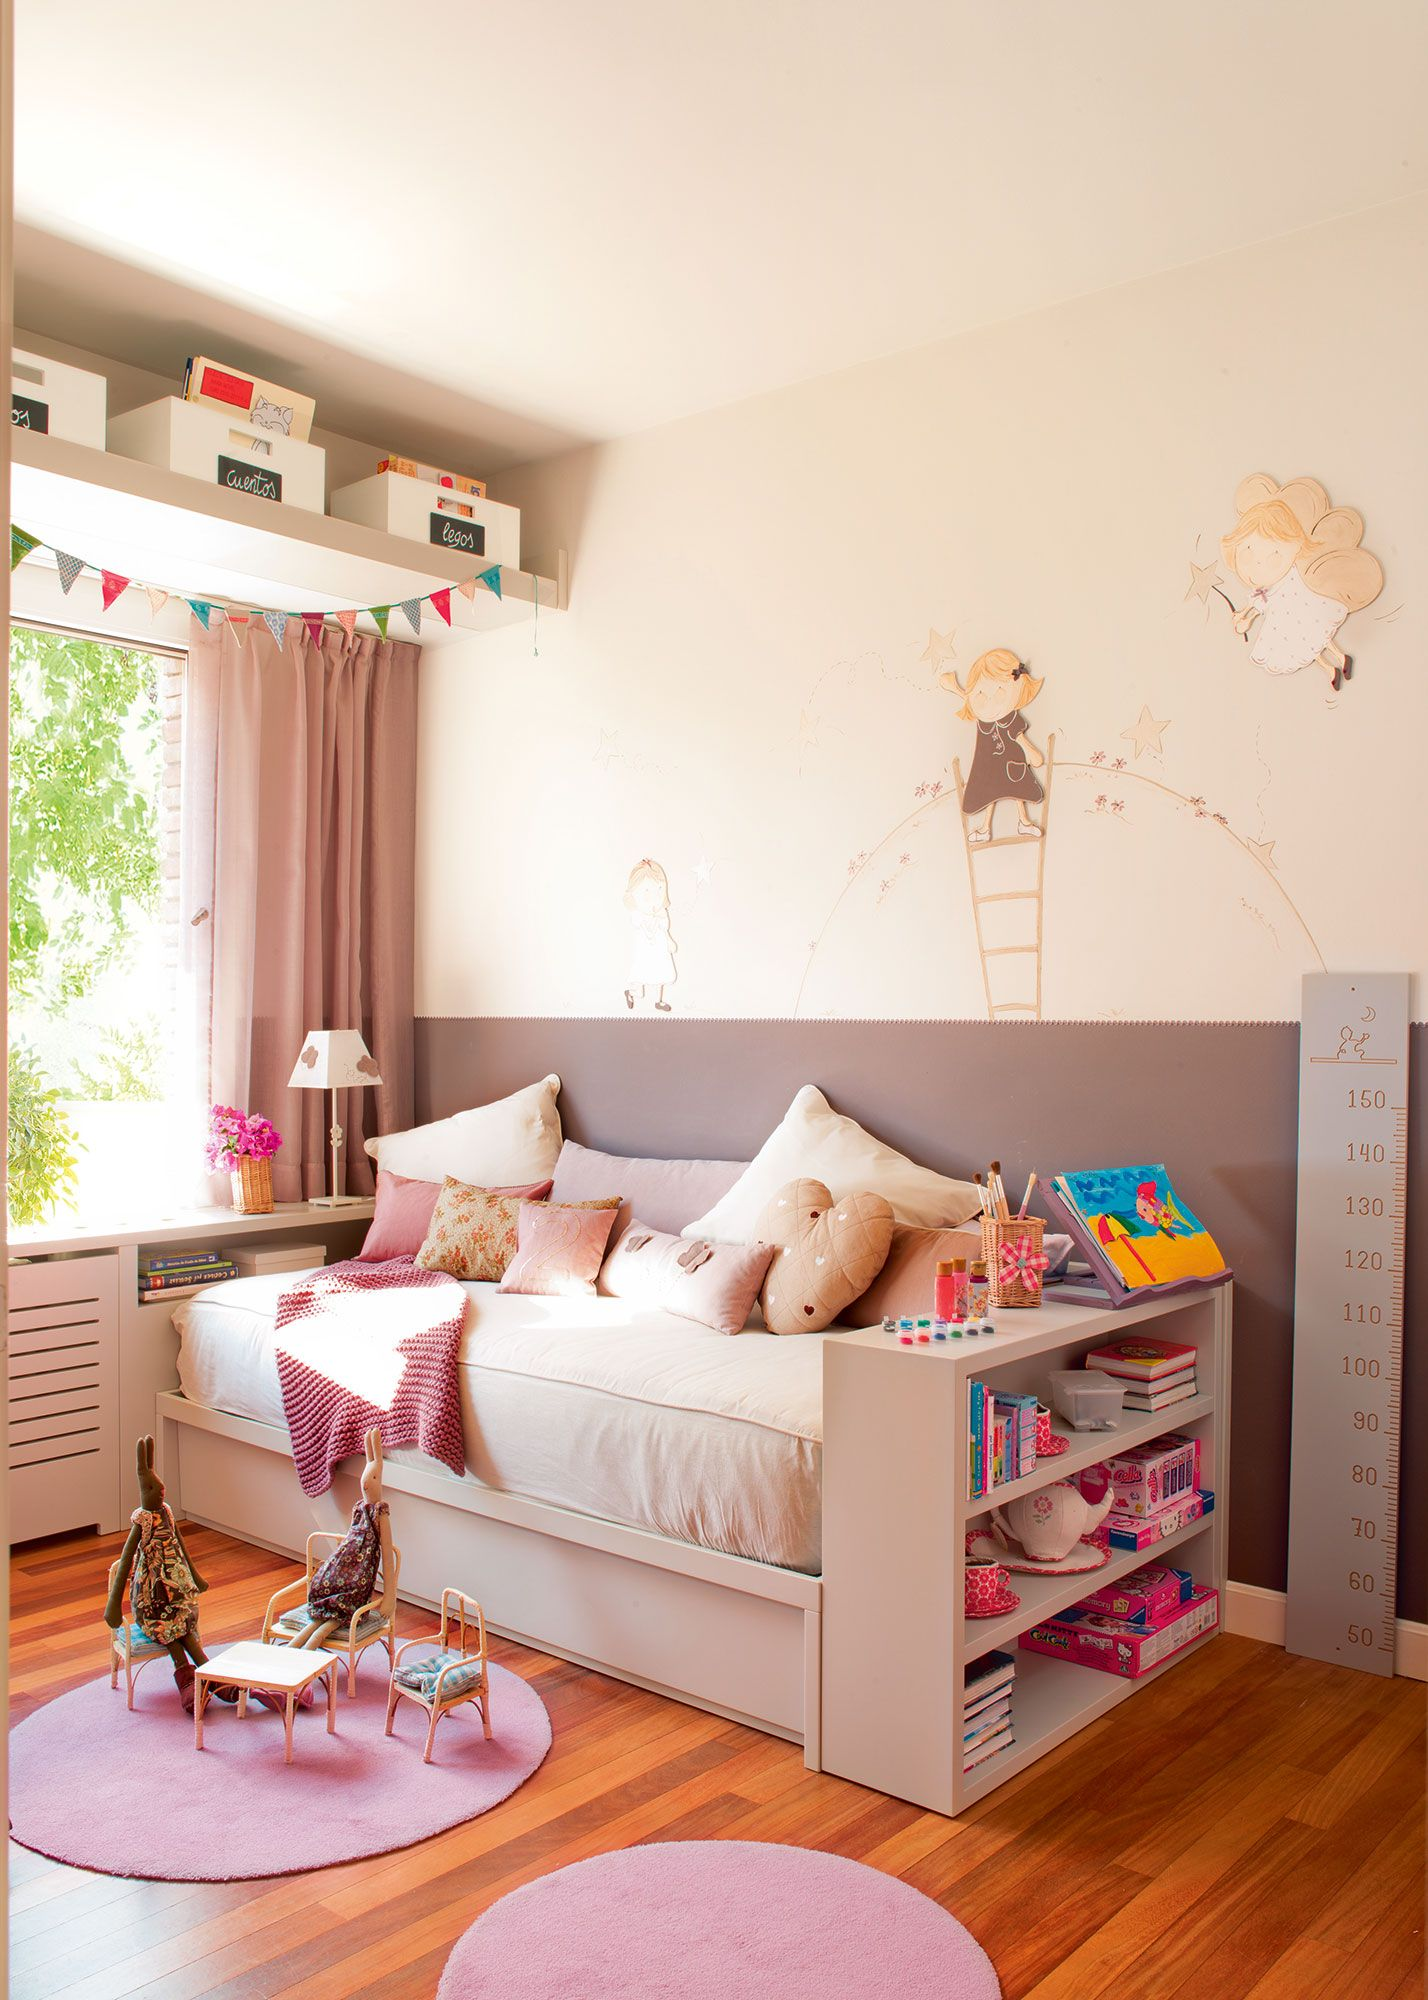 Dormitorio infantil con cama arrimada a la pared z calo y soluciones para guardar juguetes - Muebles habitacion infantil ...